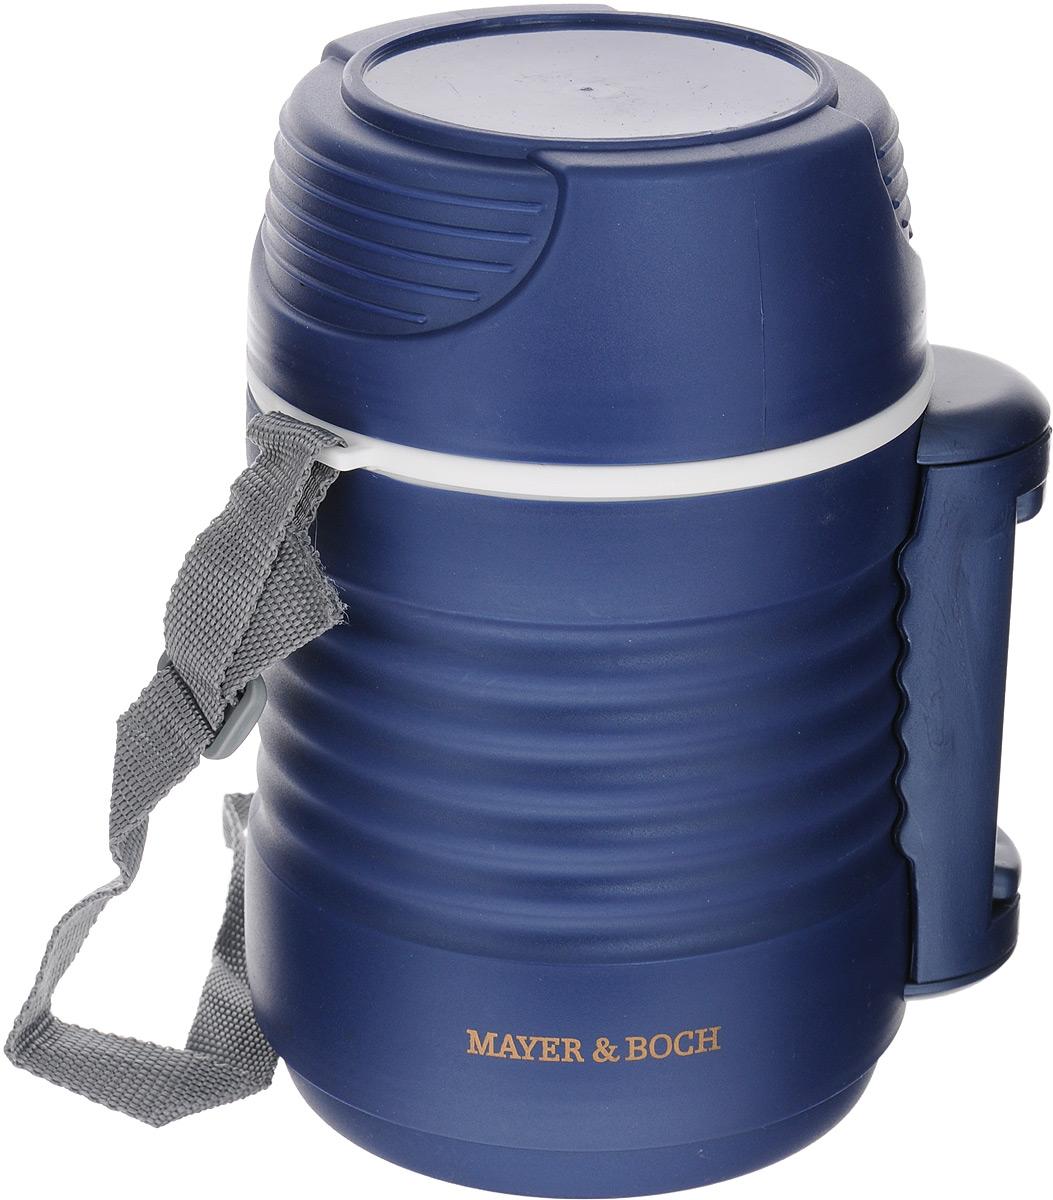 Термос пищевой Mayer & Boch, с 2 контейнерами, цвет: синий, 1,3 л115510Термос пищевой Mayer & Boch предназначен для длительного хранения горячих и холодных блюд. Цветной корпус выполнен из пищевого полипропилена (пластика). Внутренний резервуар изготовлен из высококачественной нержавеющей стали, не вступающей в реакцию с продуктами и не искажающей вкус приготовленных блюд. В широкое горлышко термоса помещены два контейнера с крышками, изготовленные из пищевого пластика белого цвета. Крышки легко открываются и плотно закрываются. Это идеальный вариант для переноски сразу нескольких разных блюд.Благодаря текстильному ремню и боковой ручке, термос легко и удобно транспортировать. Данный термос обладает не только прекрасными термоизоляционными качествами, но и непревзойденной надежностью. Диаметр термоса: 10,5 см. Высота термоса (без учета крышки): 19 см. Высота термоса (с учетом крышки): 22 см. Диаметр контейнеров: 10 см, 10 см. Высота контейнеров: 5 см, 9,5 см.